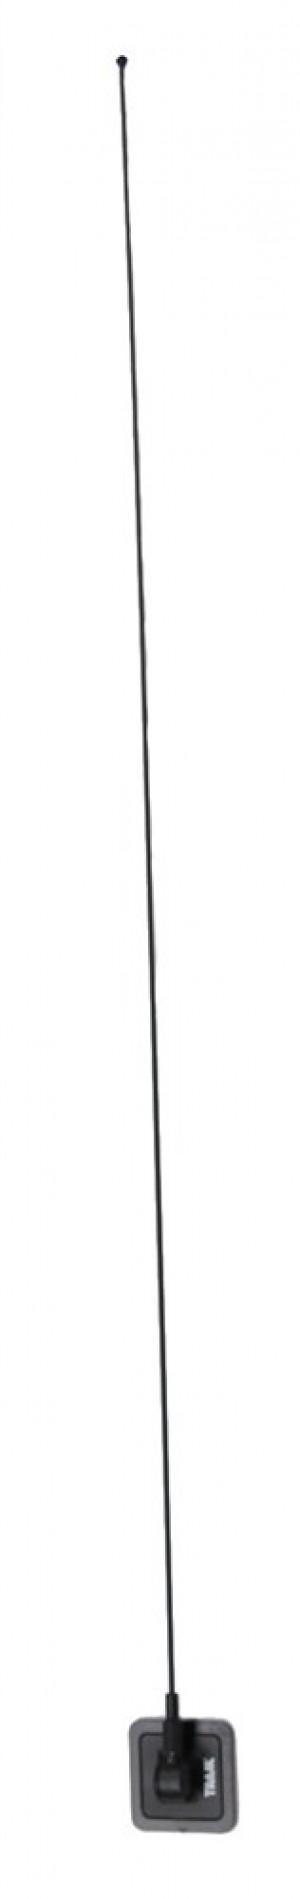 Tram 1187 Glass Mount Antenna w/ PL259 (450-470MHz)